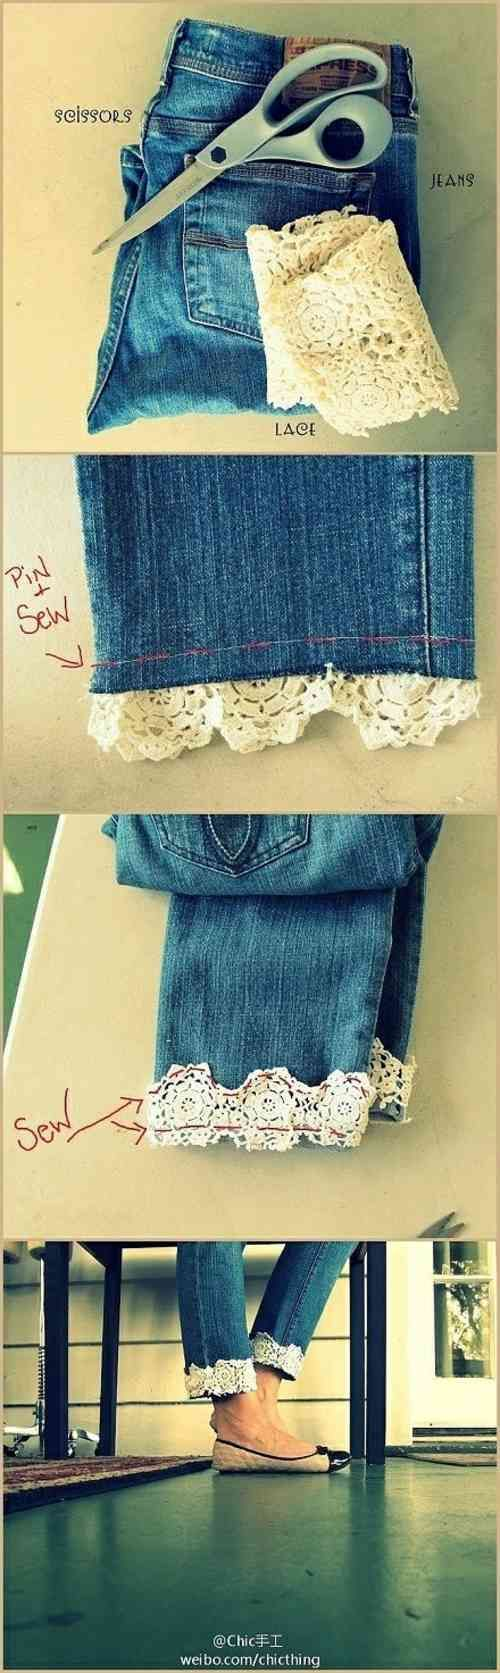 redécorer un jeans avce de la dentelle